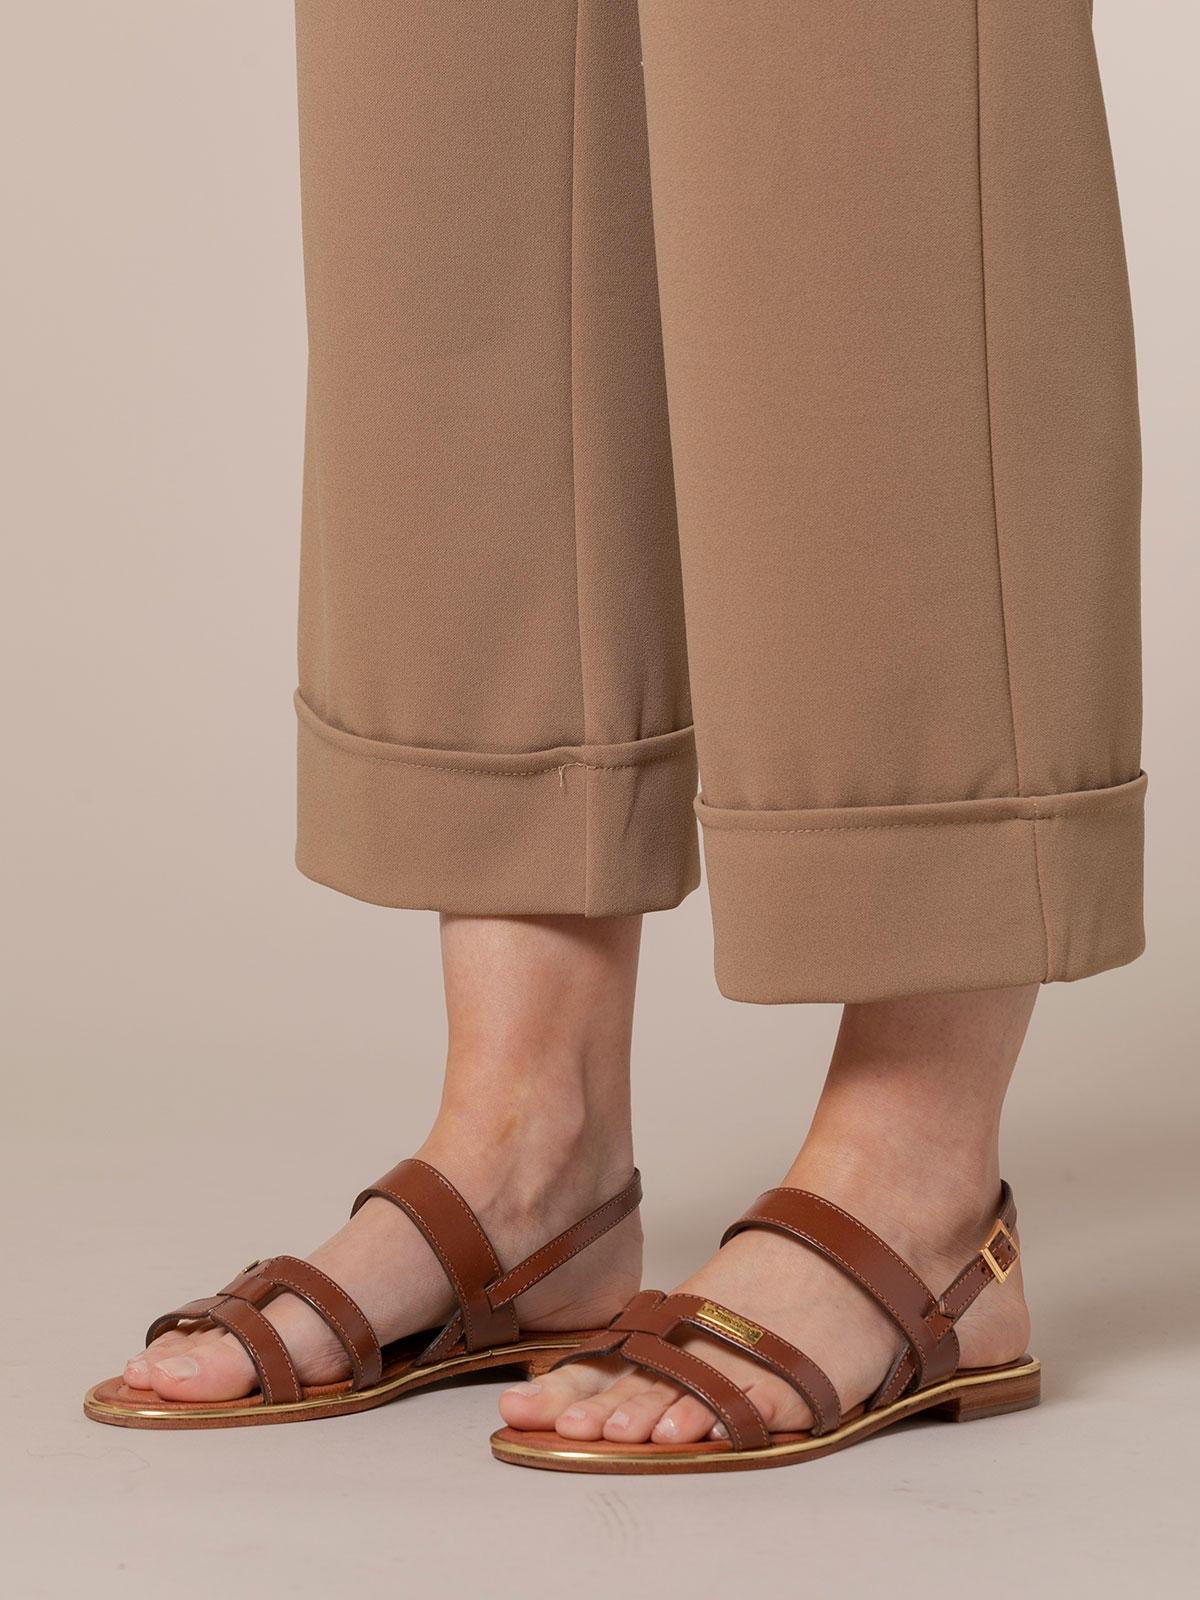 Pantalón mujer culotte tiro alto Camel